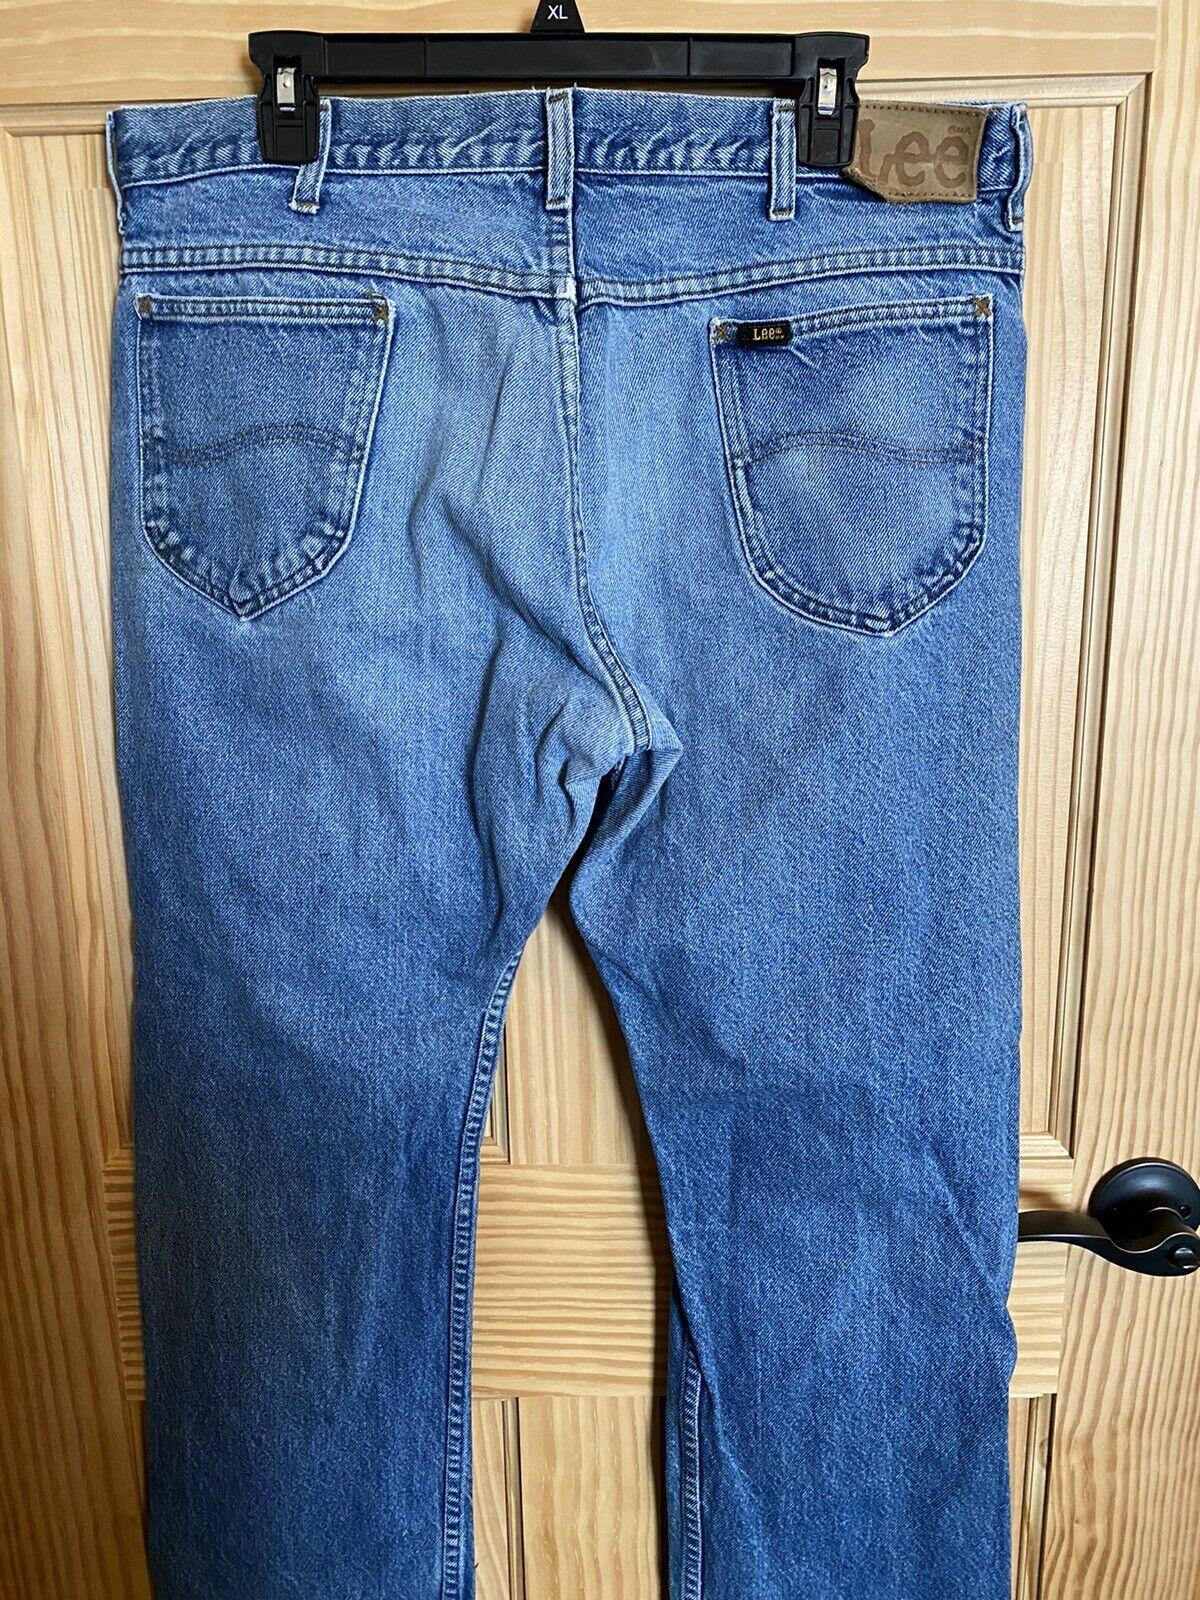 Men's Vintage 80's Lee Jeans  - image 4